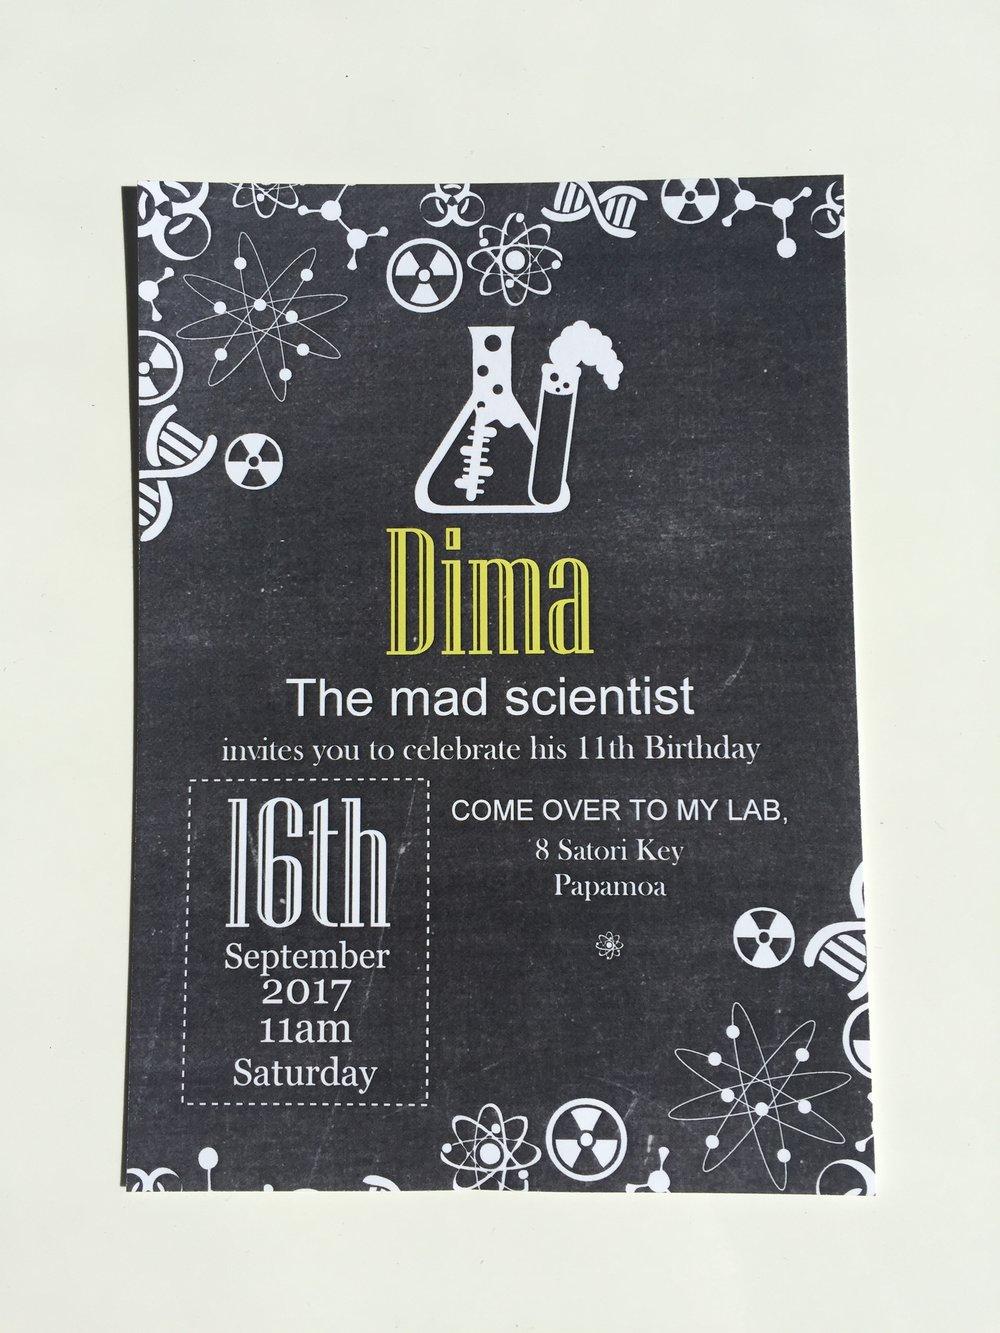 Ice Cream Lab Party Invitation